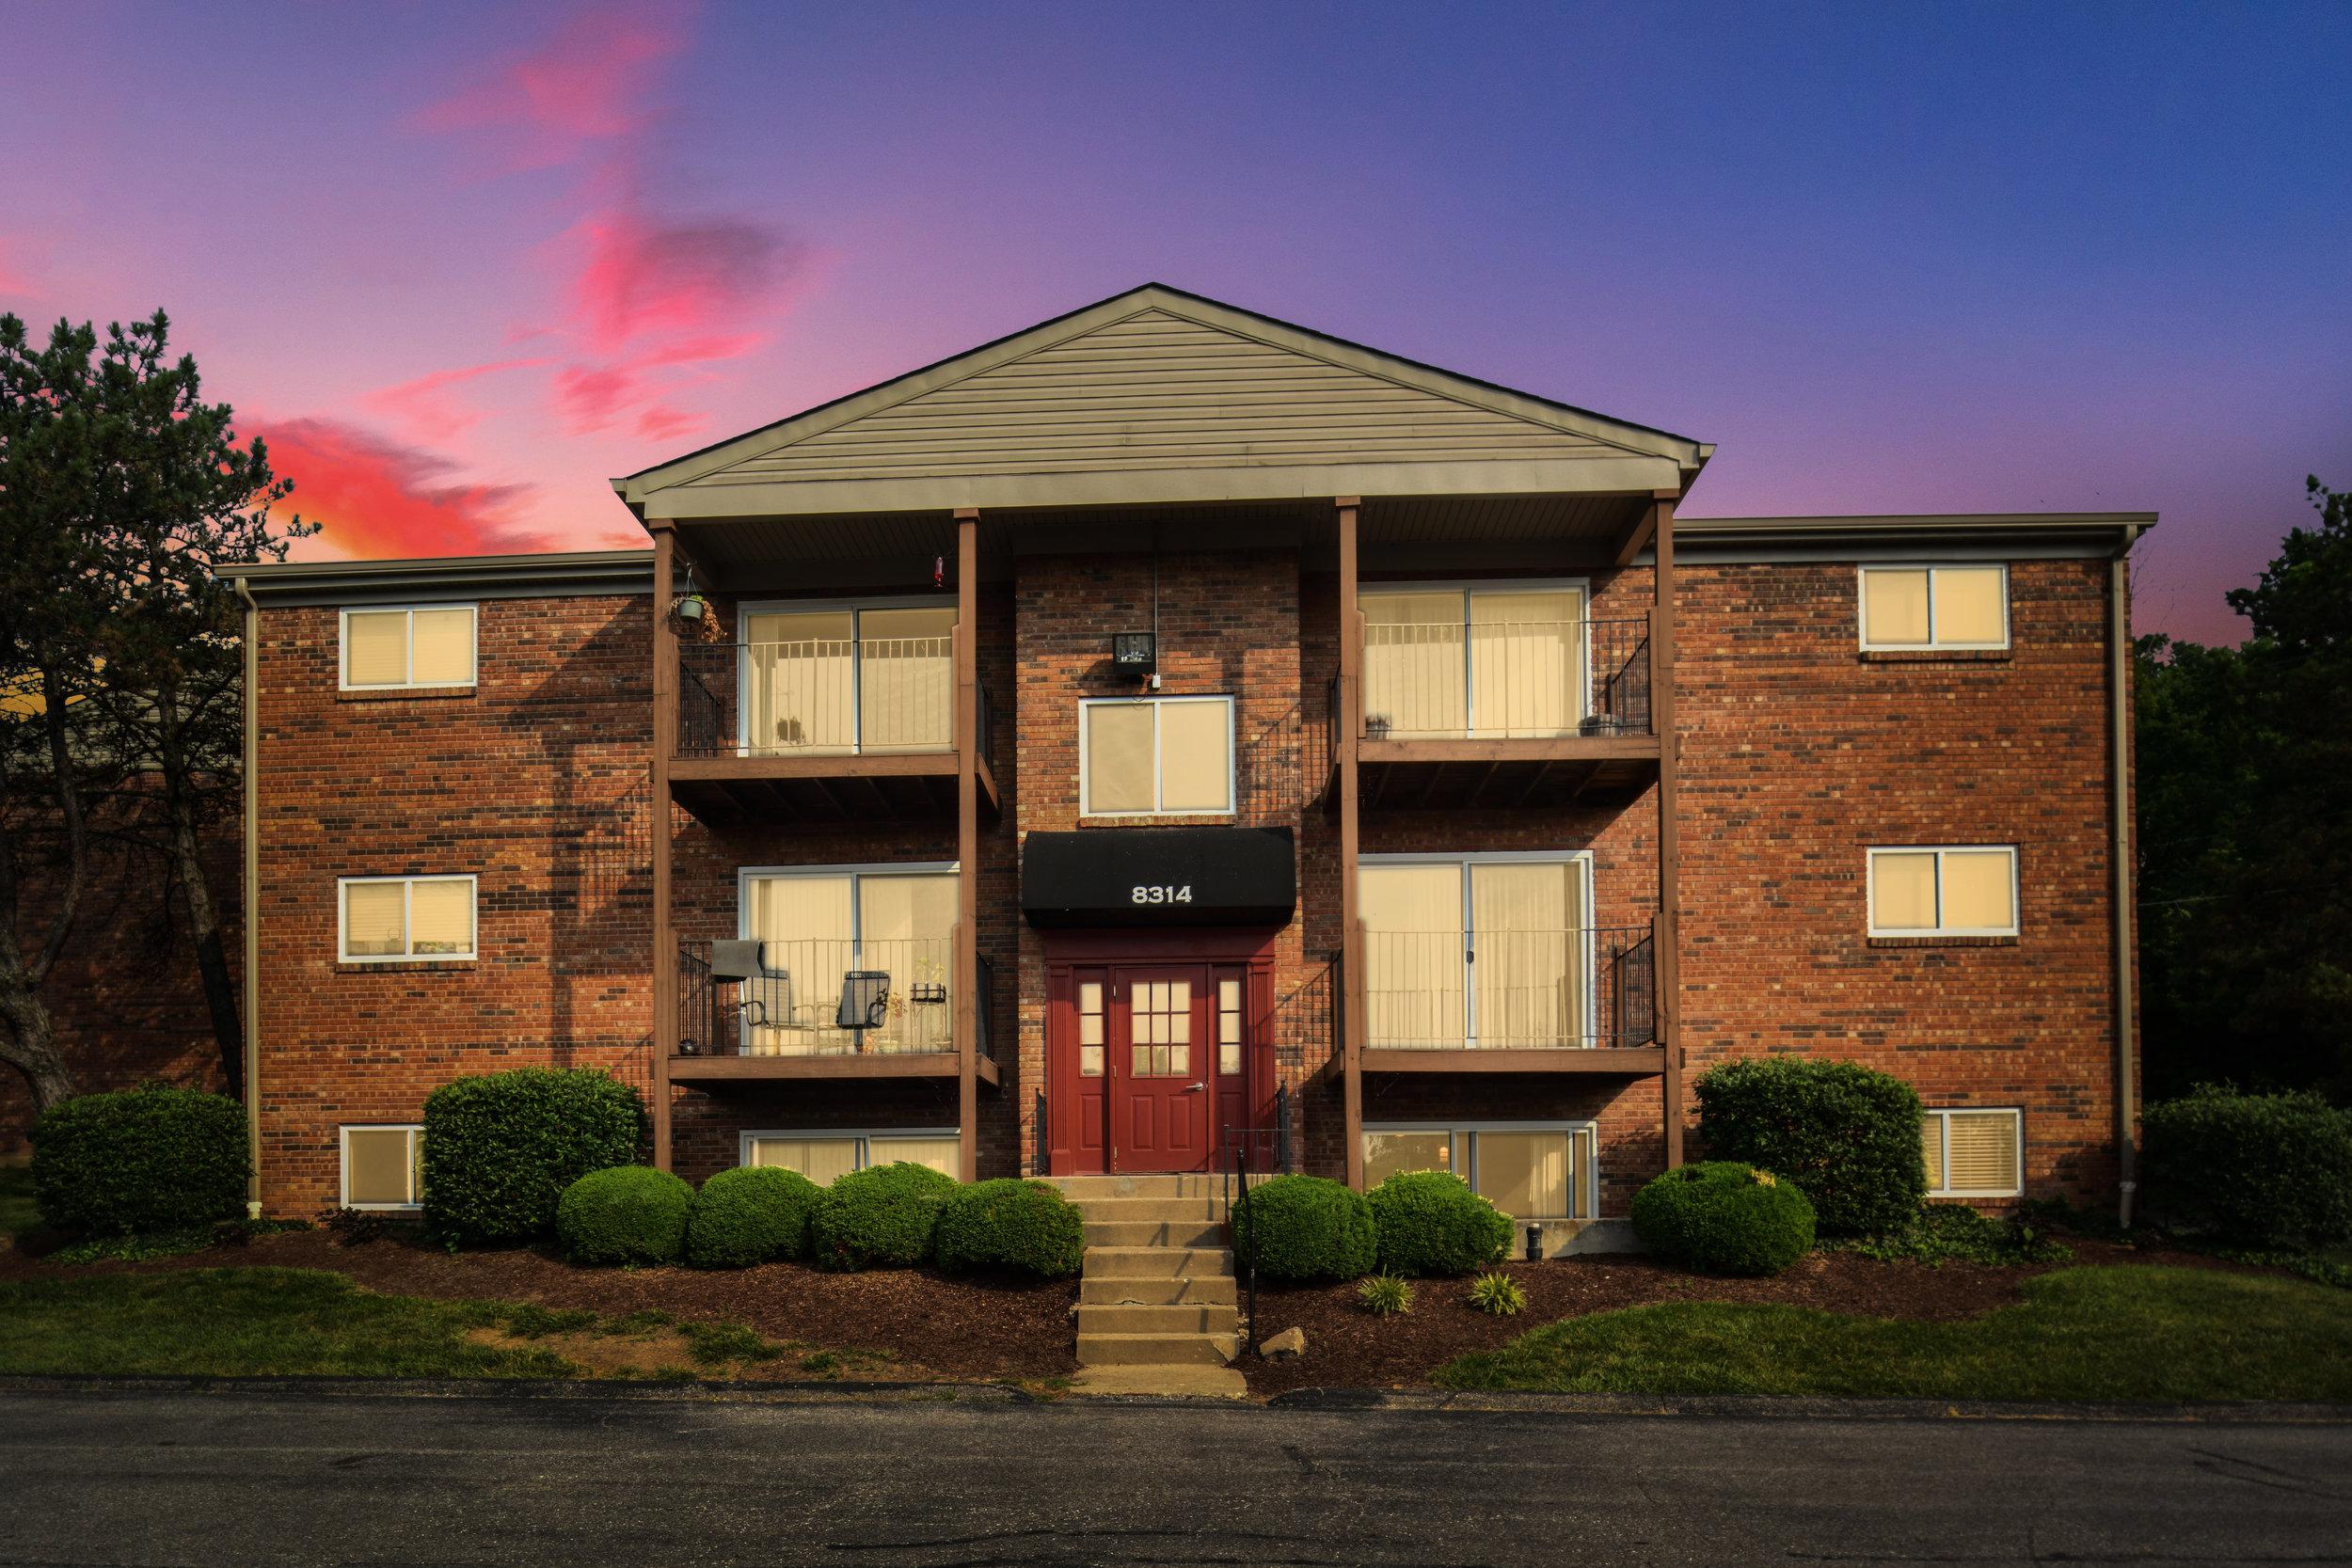 Heritage Hill Estates - 8288 Wooster Pike Cincinnati, OH 45227(855) 495-4293www.heritagehillestatescincinnati.com